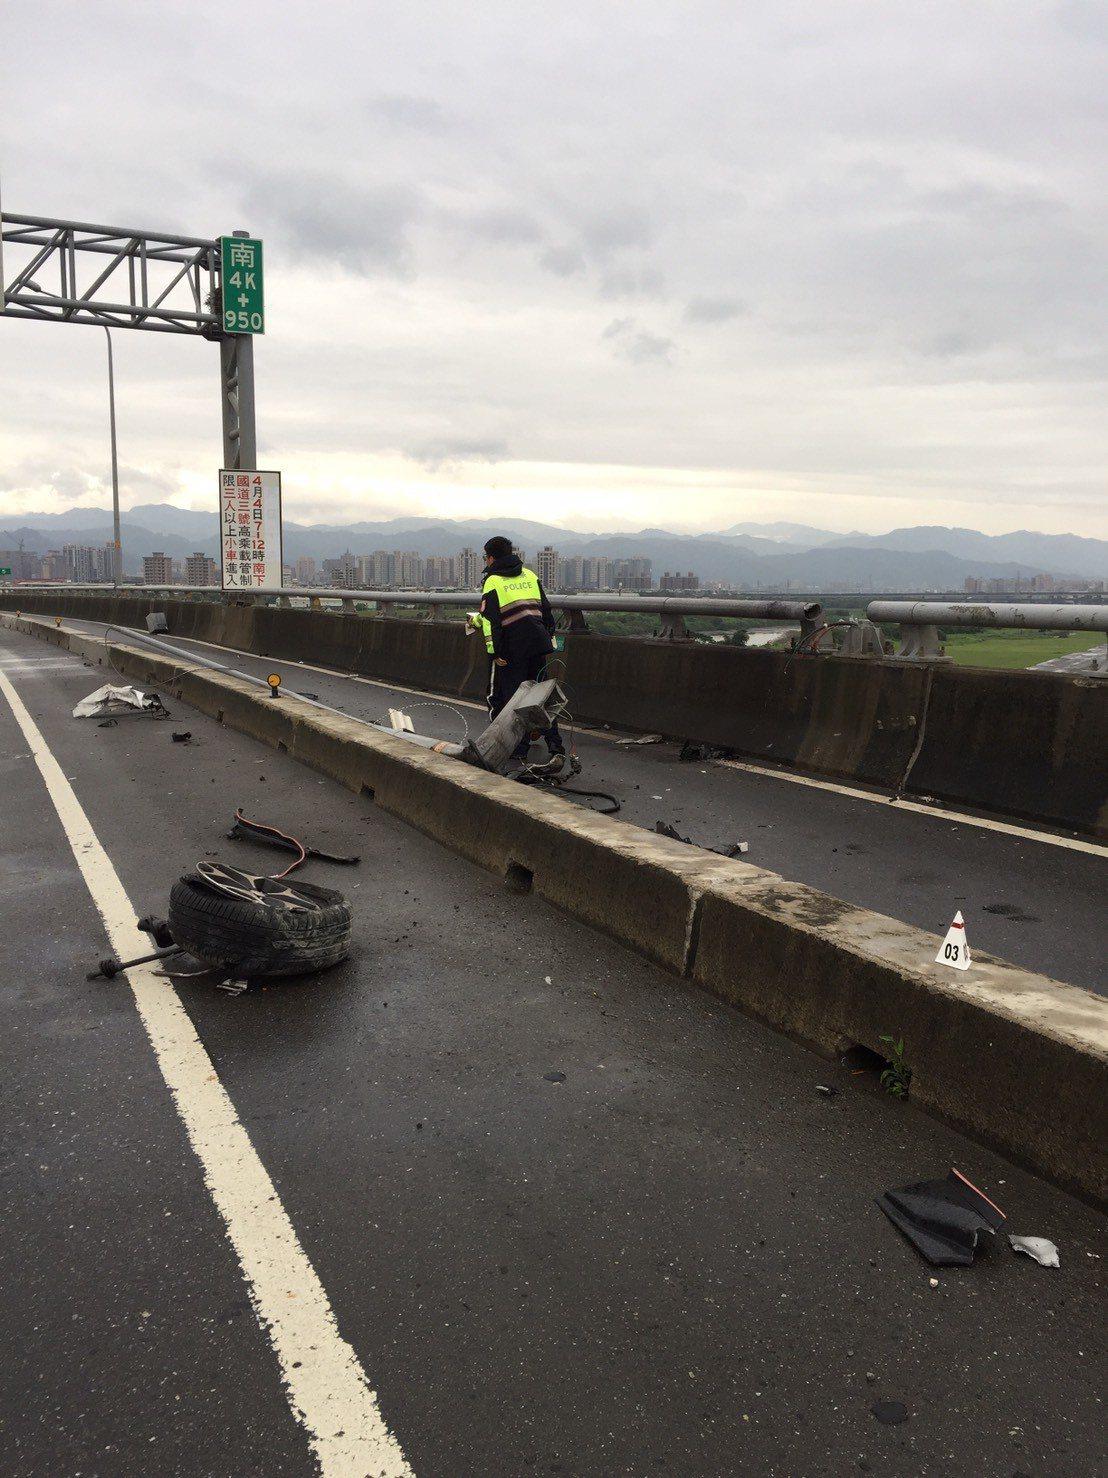 台65線快速道路發生墜橋事故,橋面上汽車零件散落滿地。記者林昭彰/翻攝